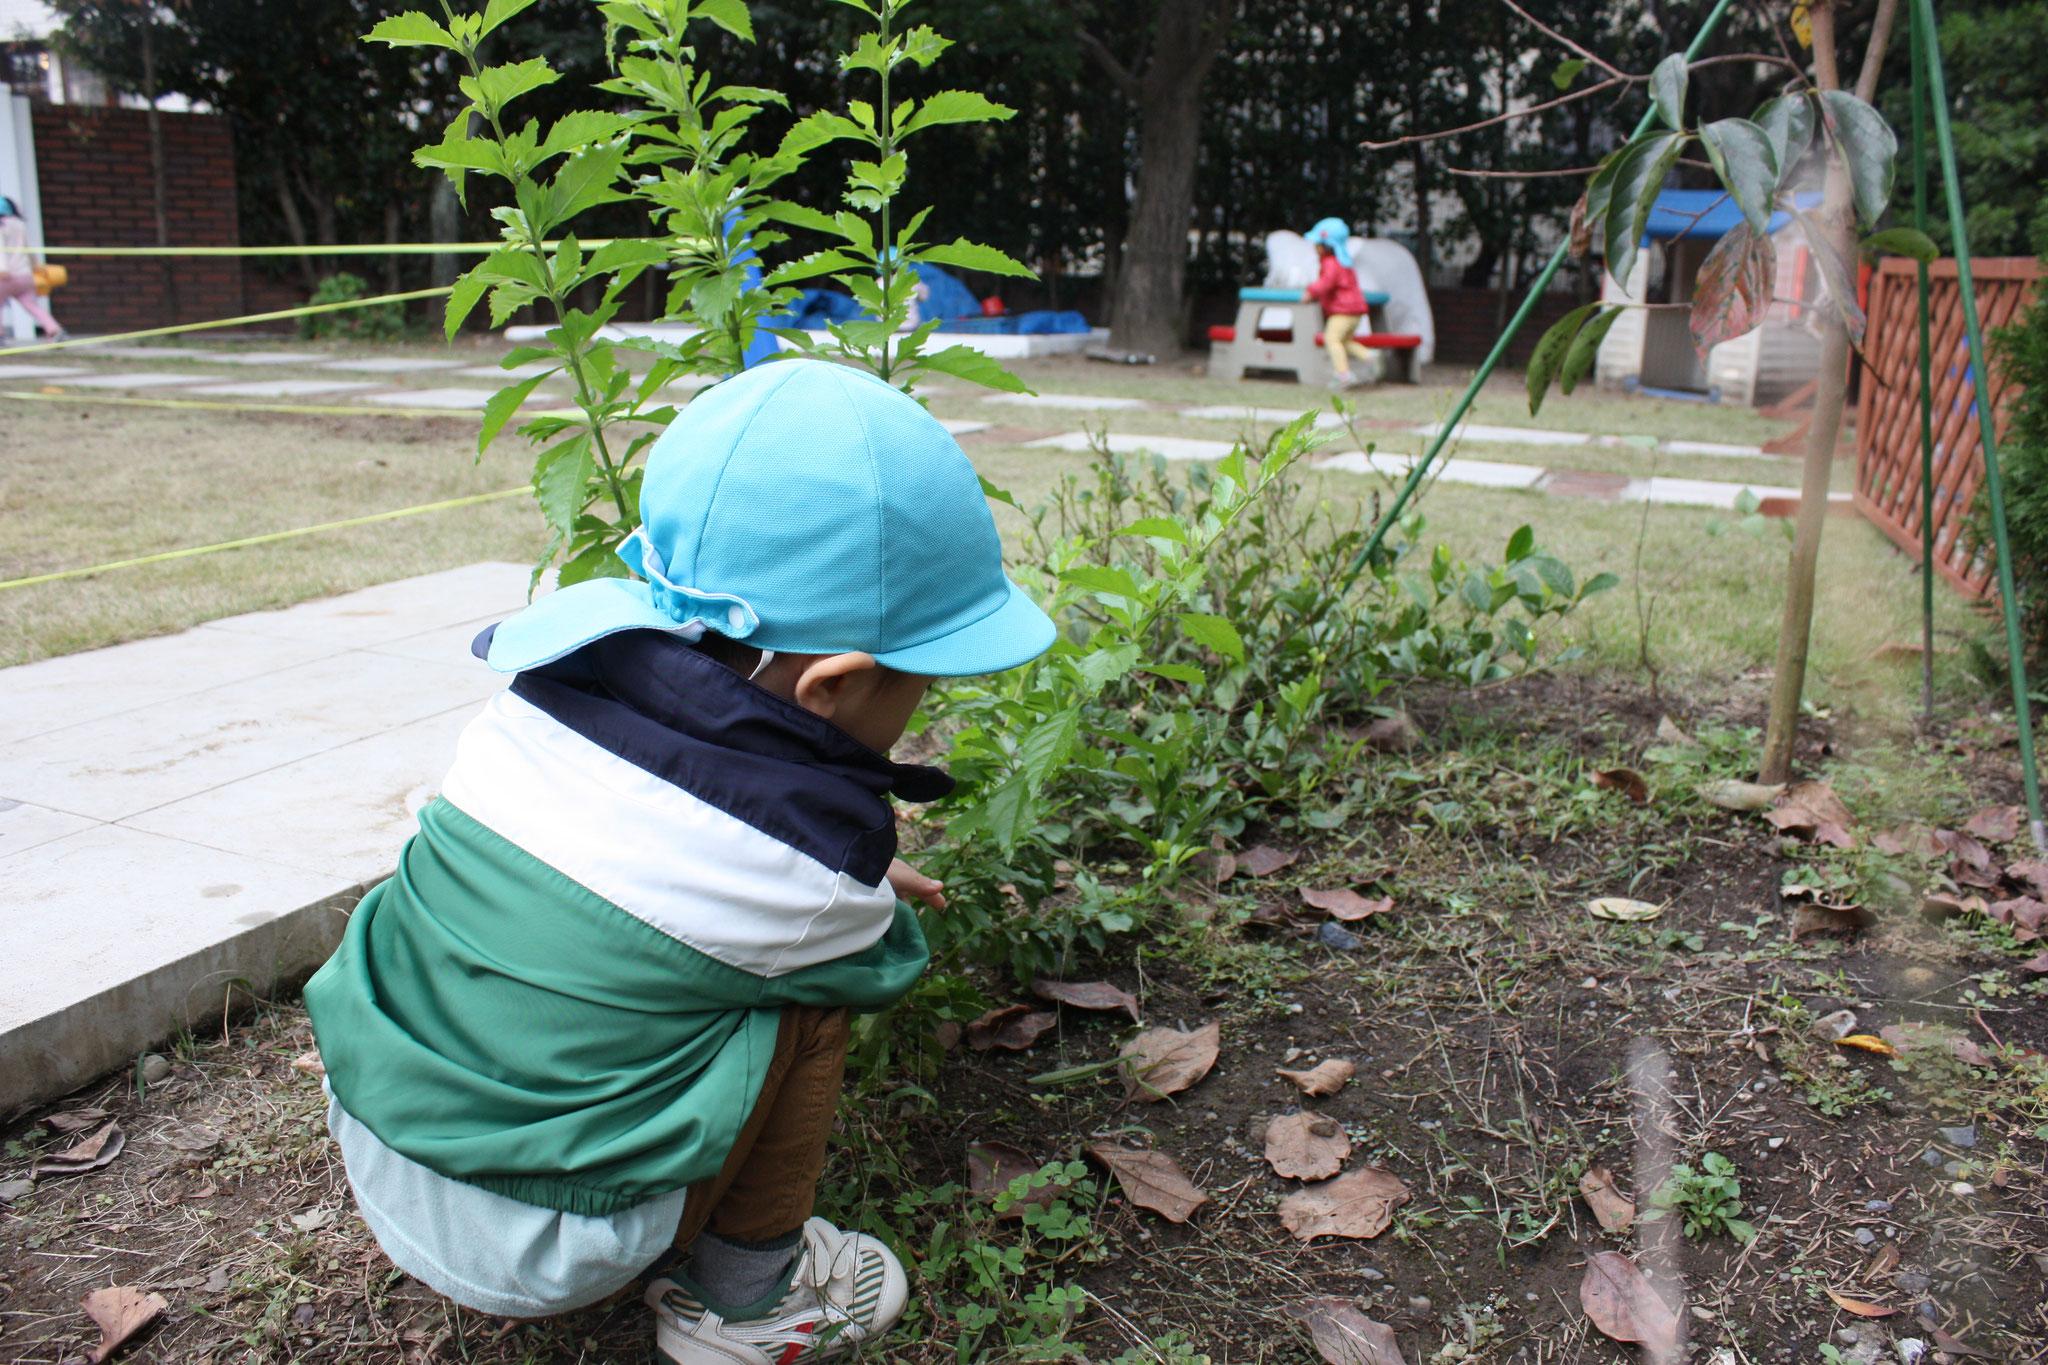 お庭でジーっと何かをみつめています。 何かな?? 「せんせい、かまきりいるよ!!」